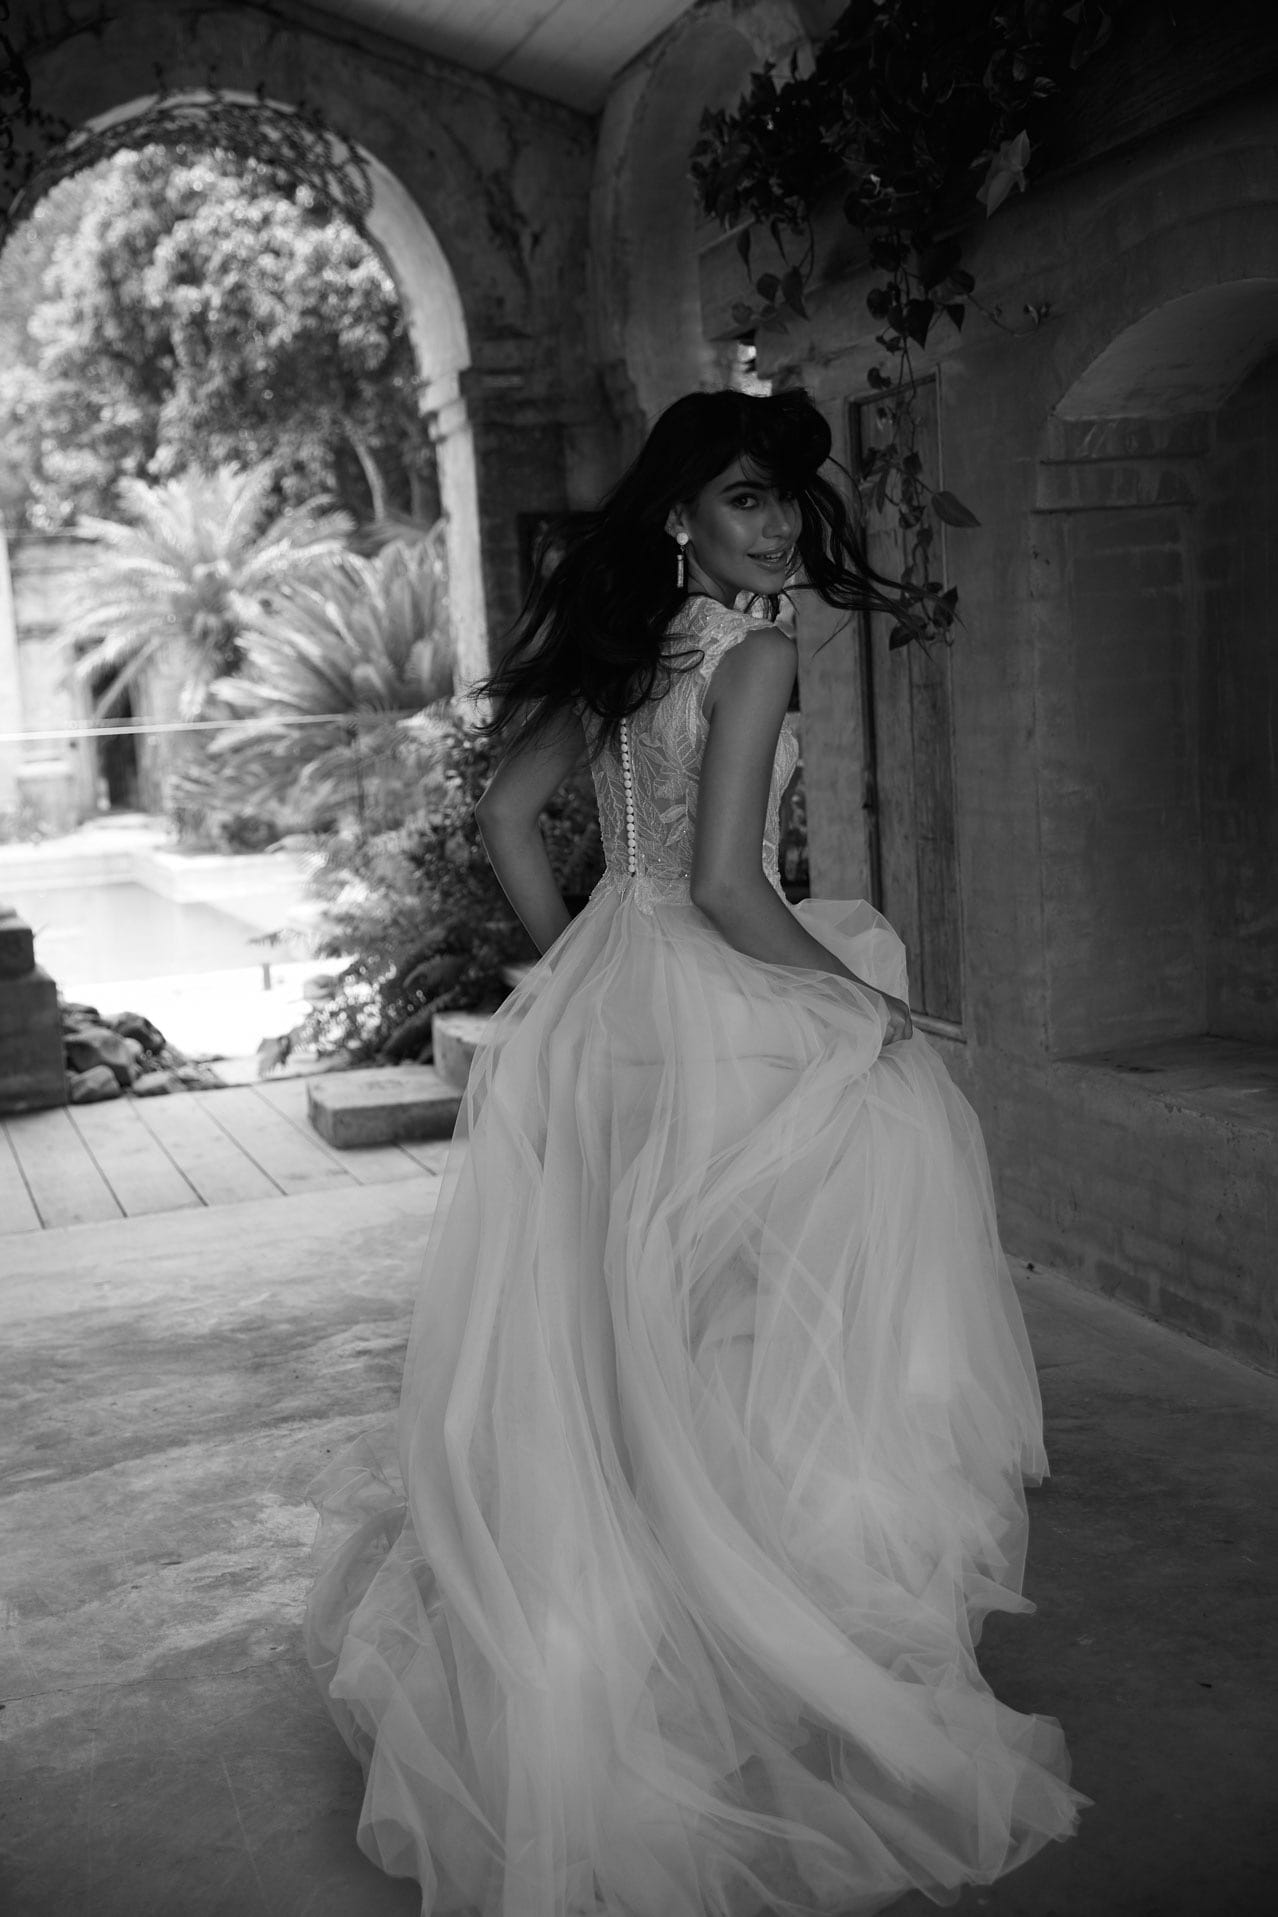 brautatelier ried-Evie Young-Brautkleid-Lake-EY065-Ivory Mocca-Vintage-schwarz weiß-Rücken bewegt-1-min